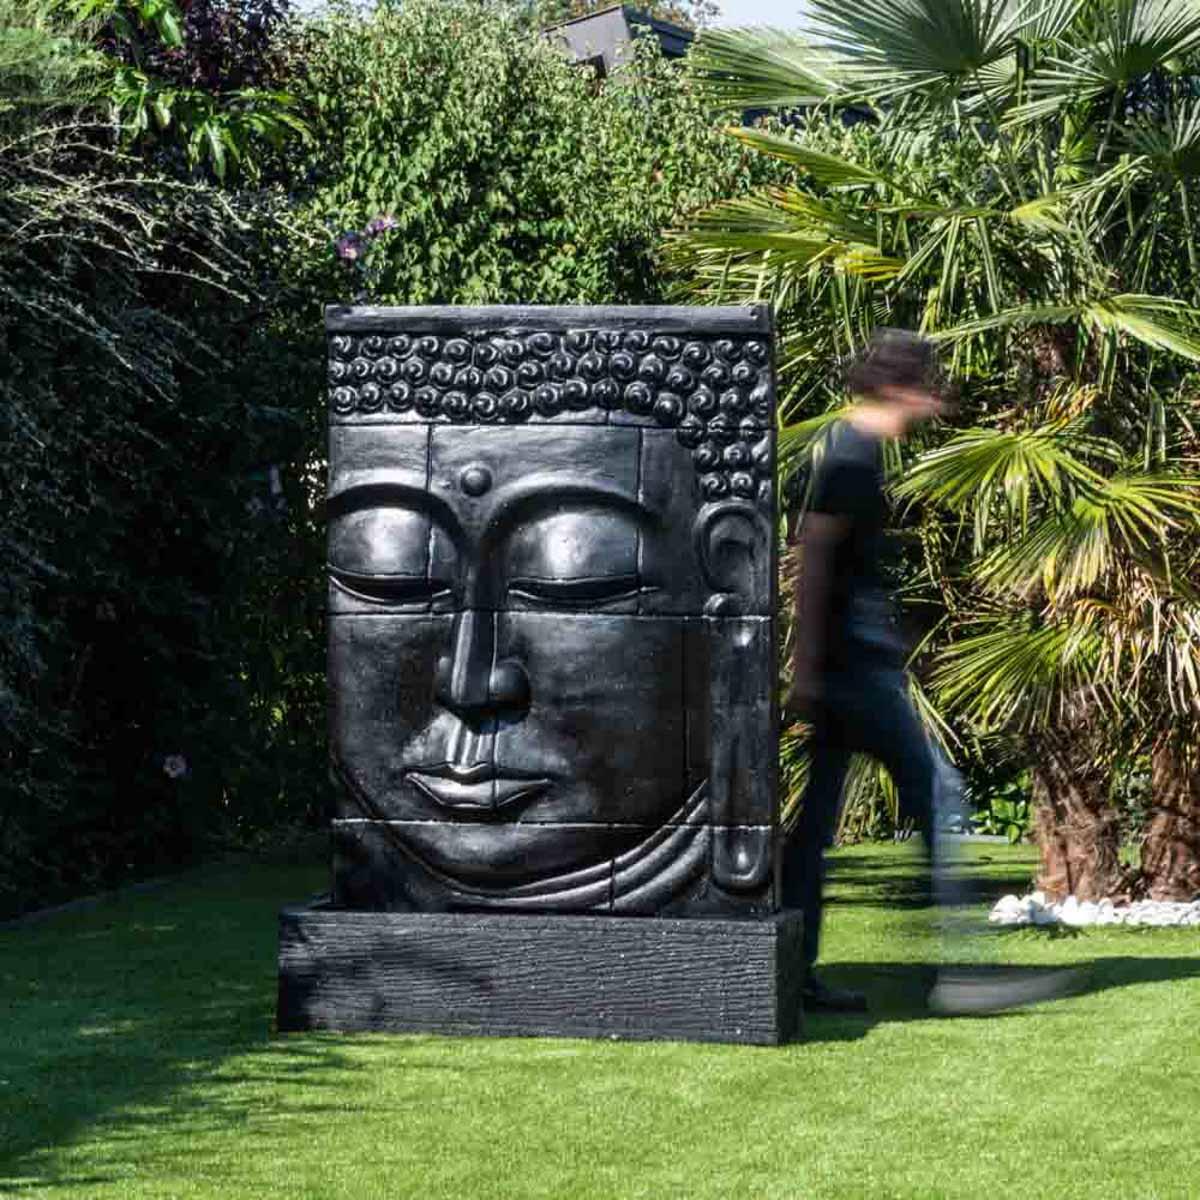 Fontaine Exterieur Bouddha mur d'eau : avec bassin, visage de bouddha, noir, h : 1 m 80